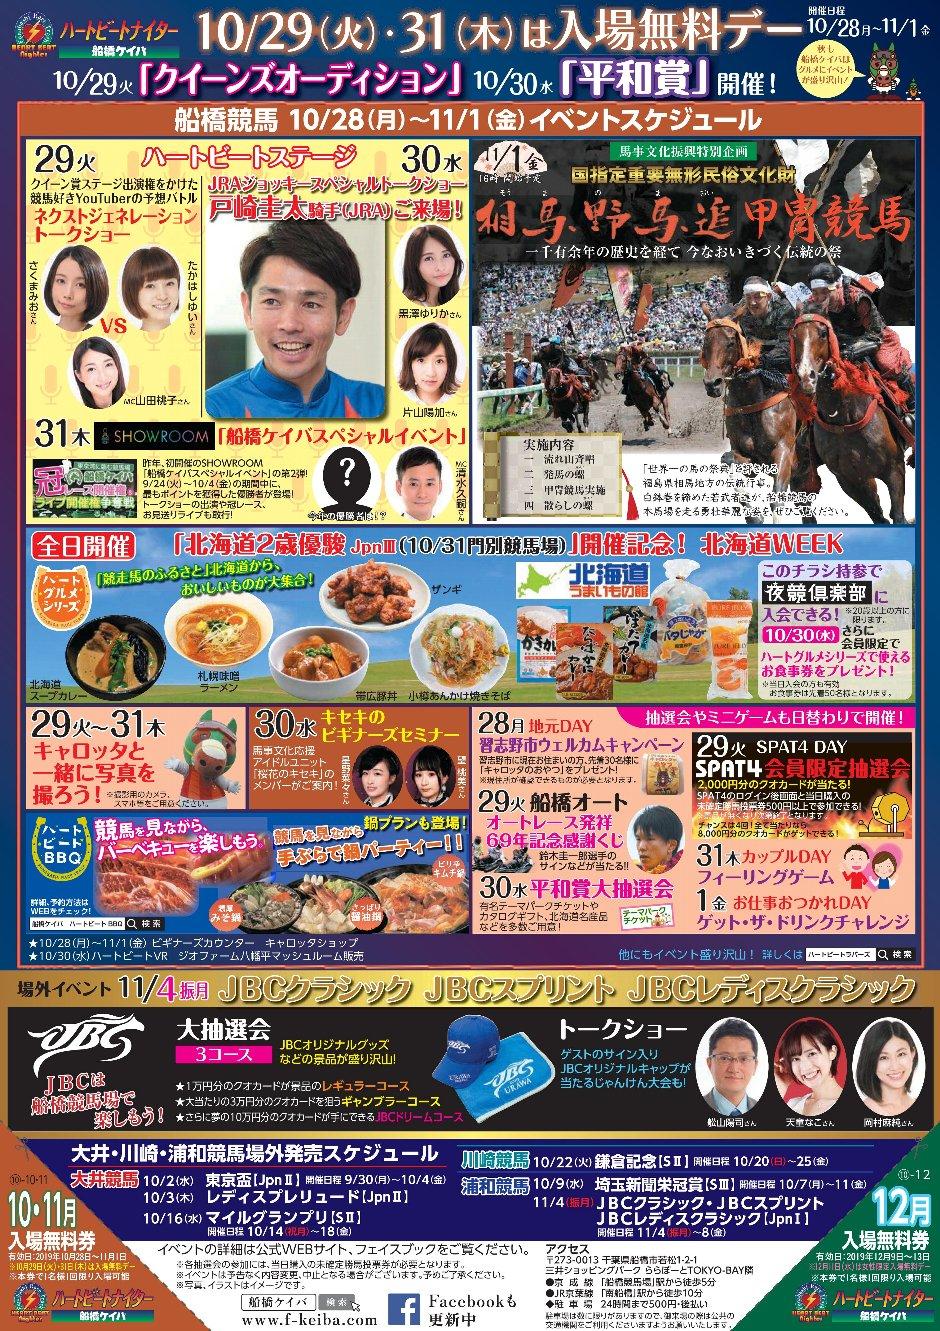 2019.11.1相馬野馬追甲冑競馬(船橋競馬場)